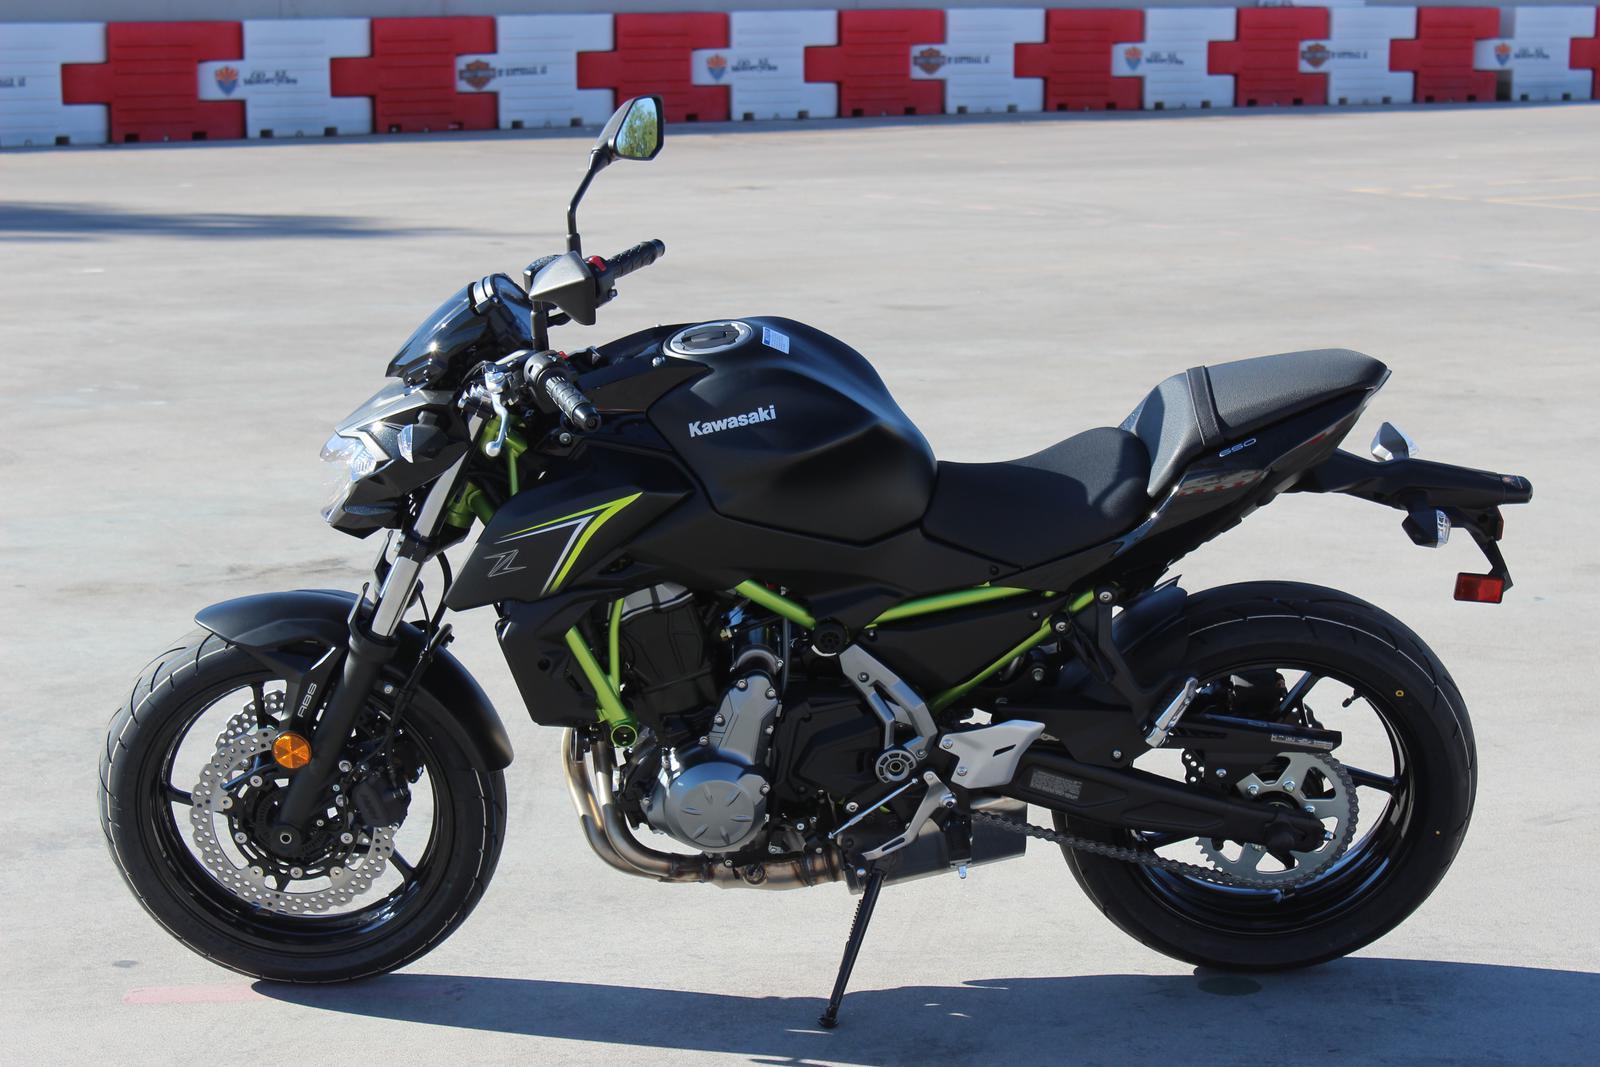 2018 Kawasaki Z650 6